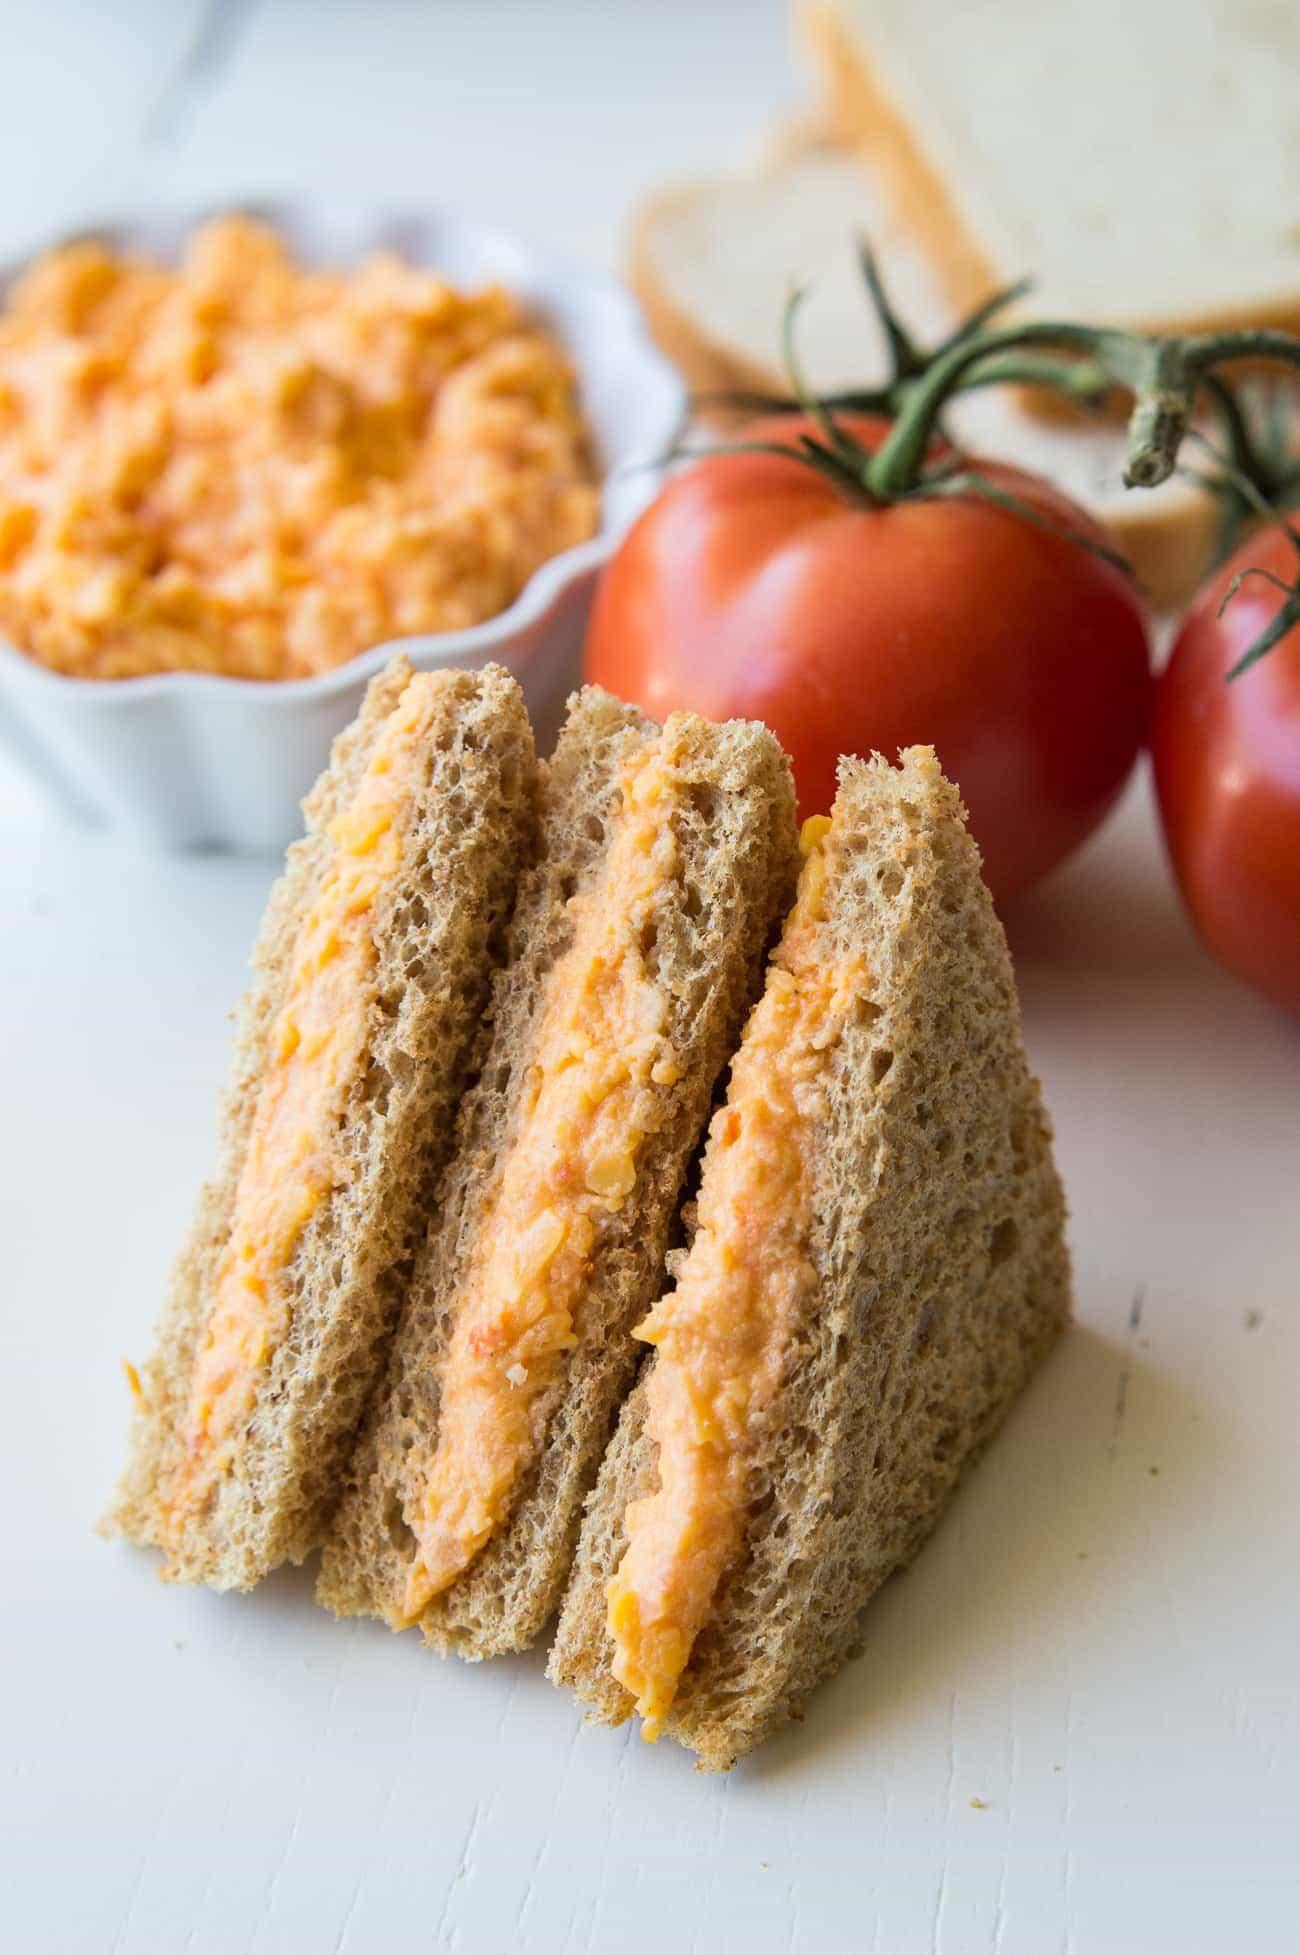 Tomato Twiddle Tea Party Sandwiches